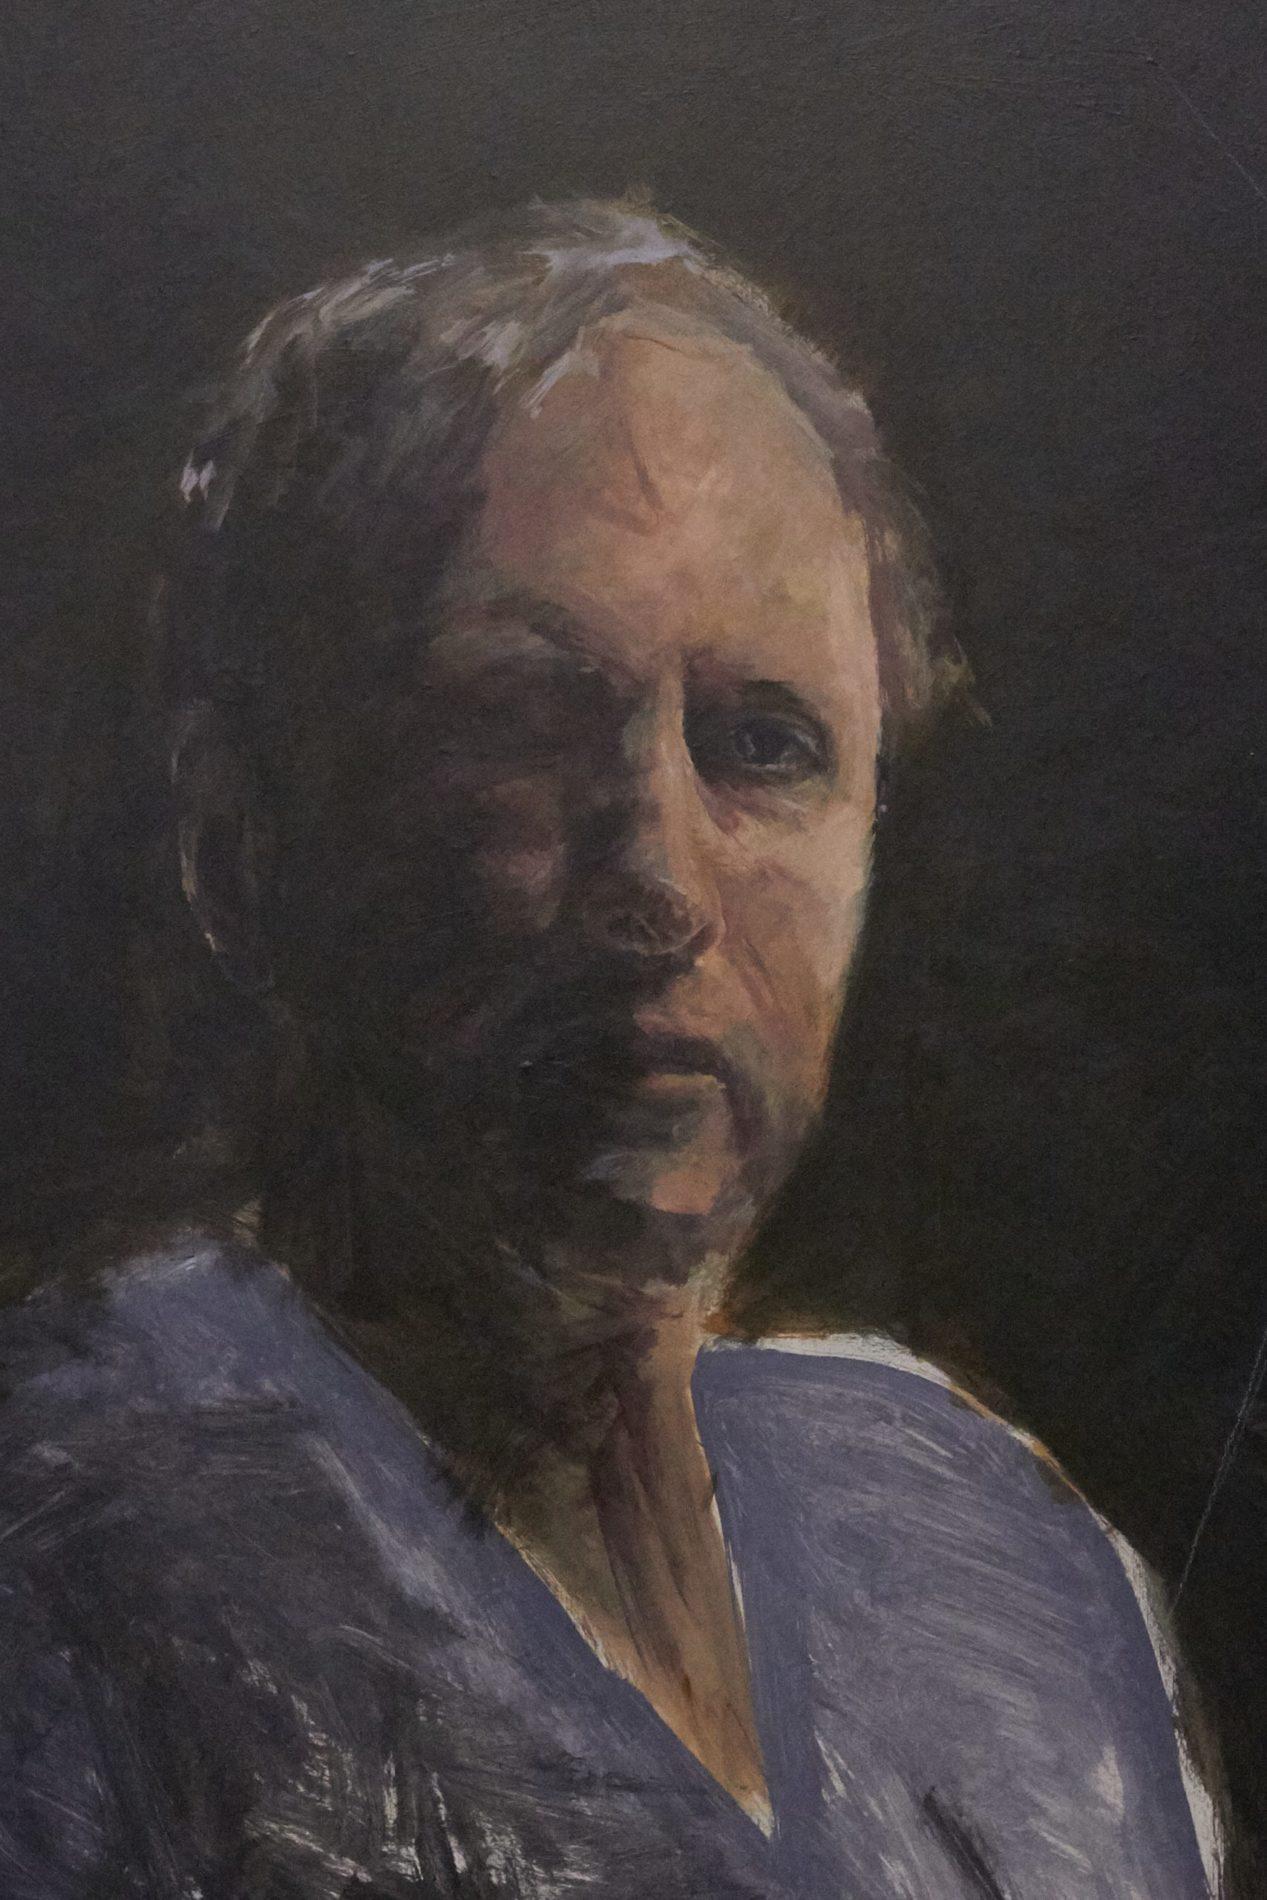 Jeroen Self Portrait - Process-10. ©Jeroen Carelse